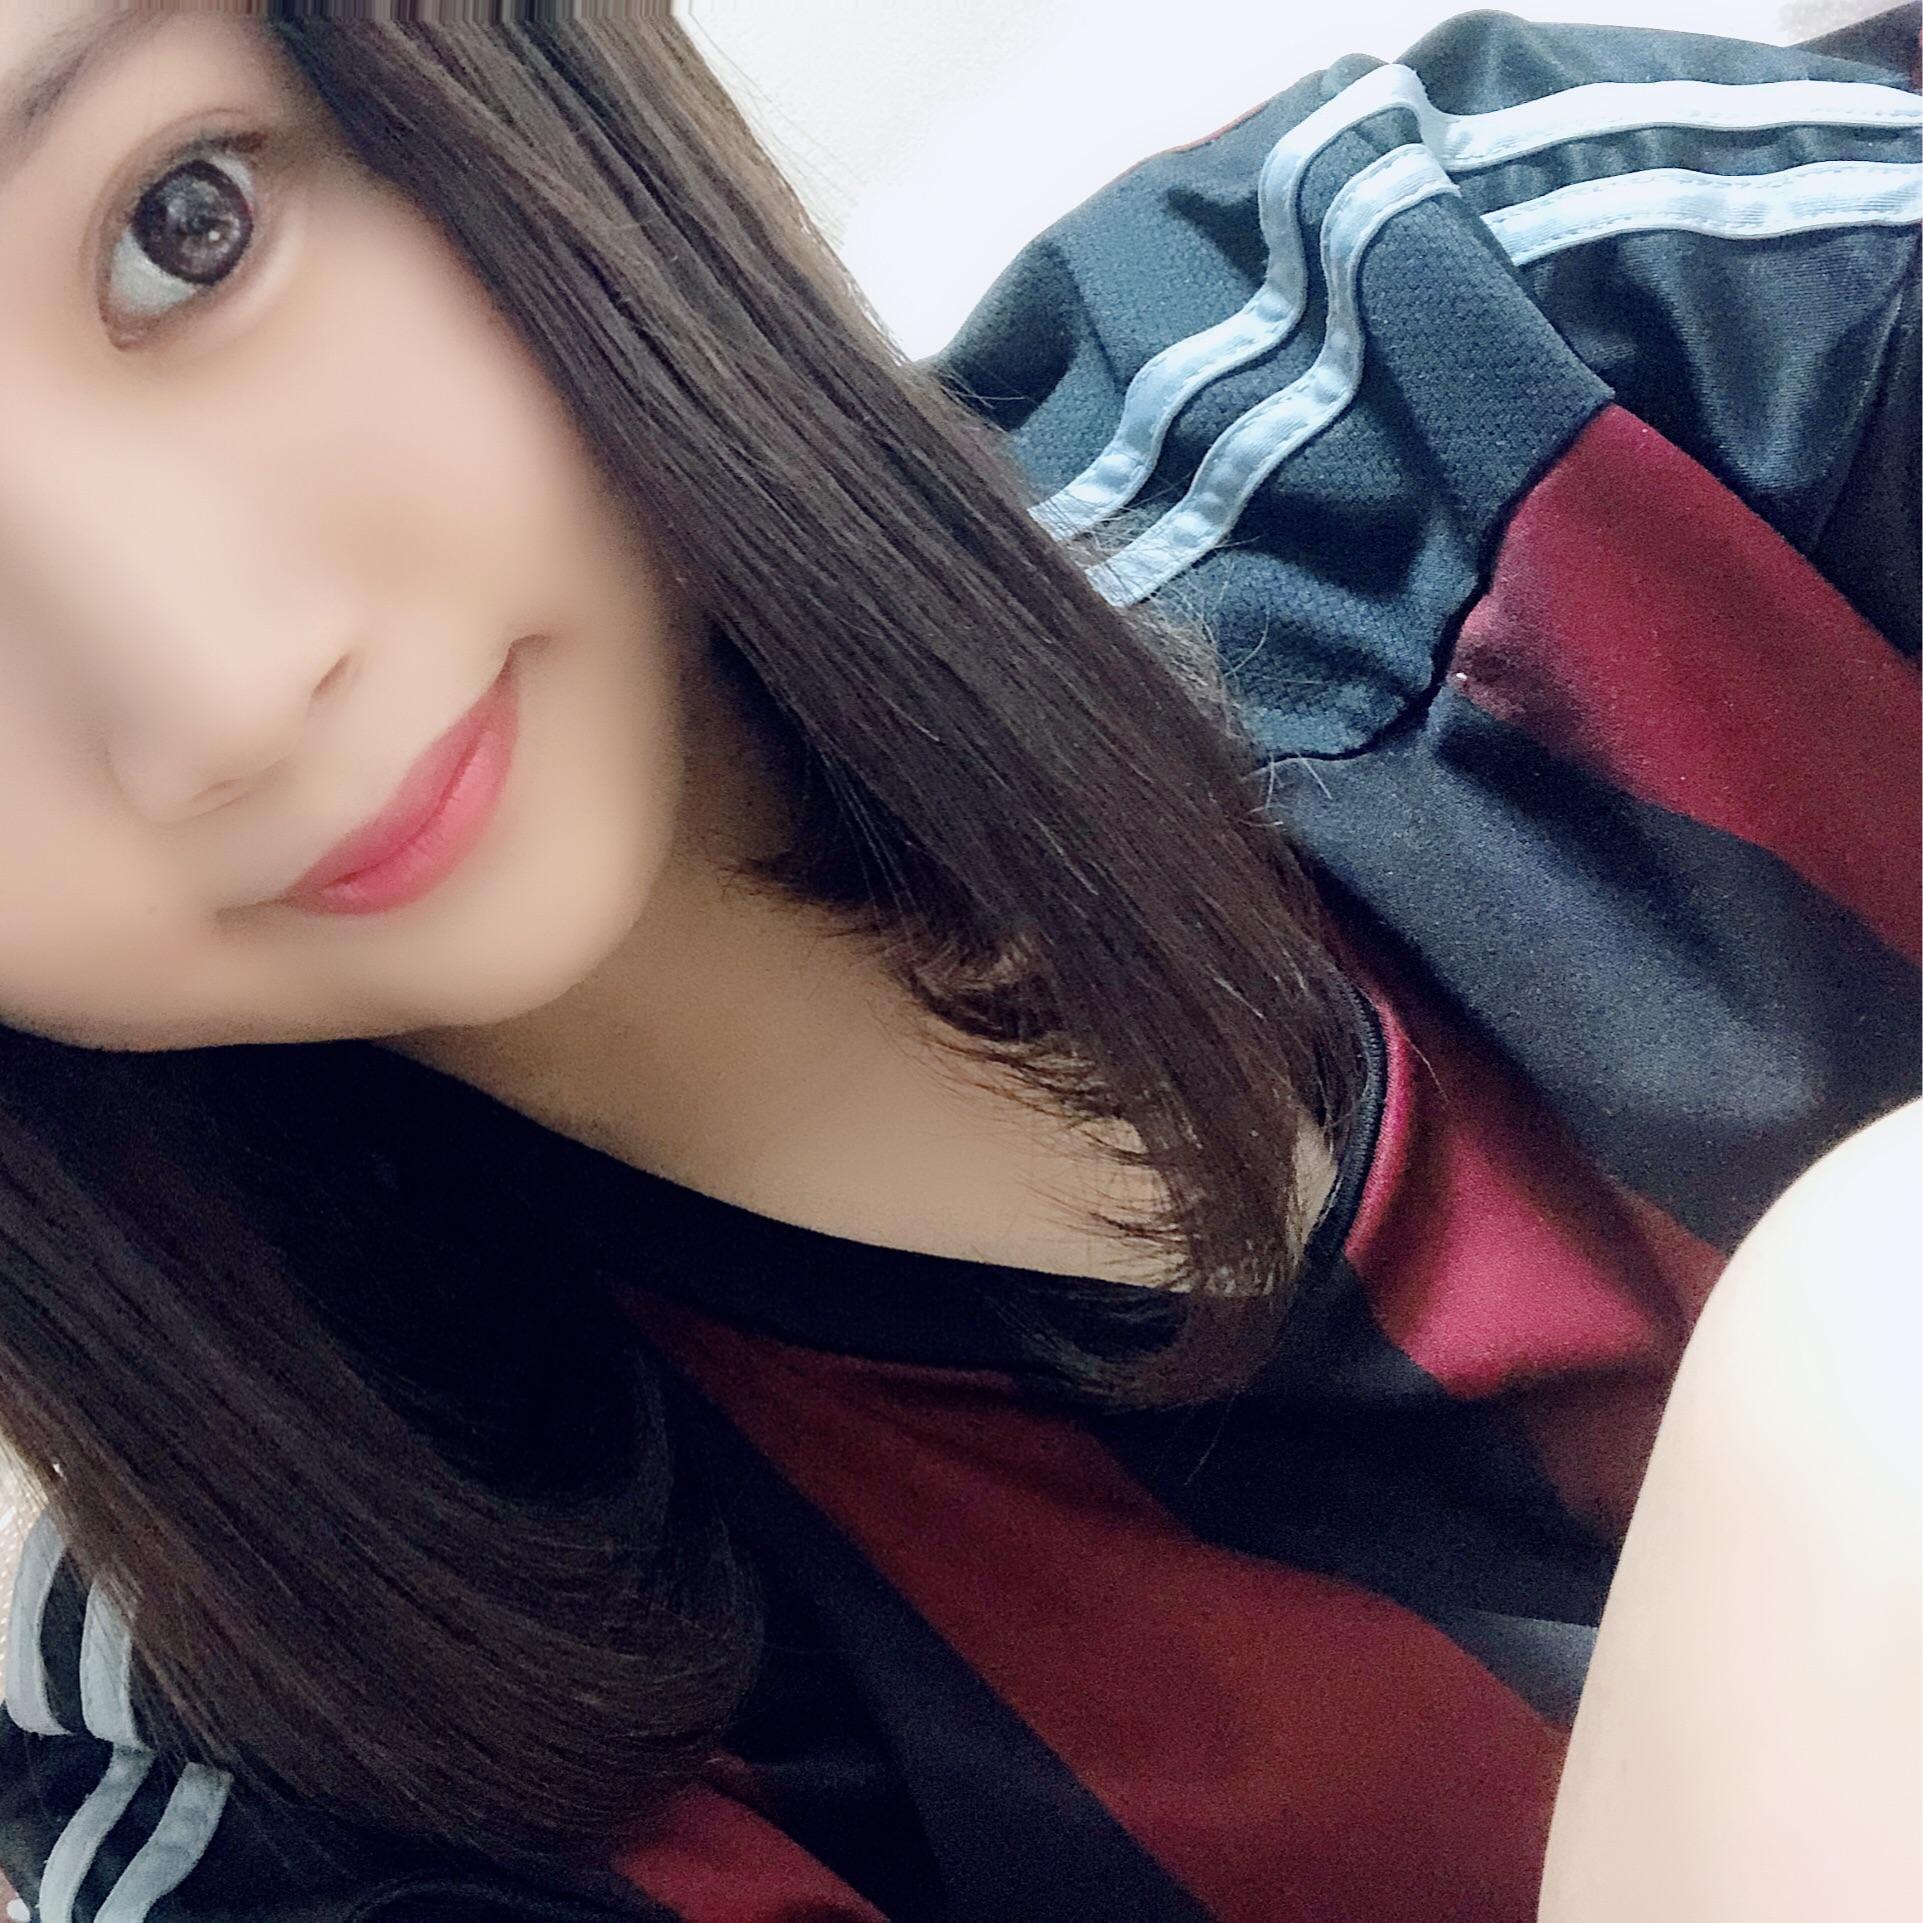 「おはみるきー」09/13(金) 17:13   みるきーの写メ・風俗動画